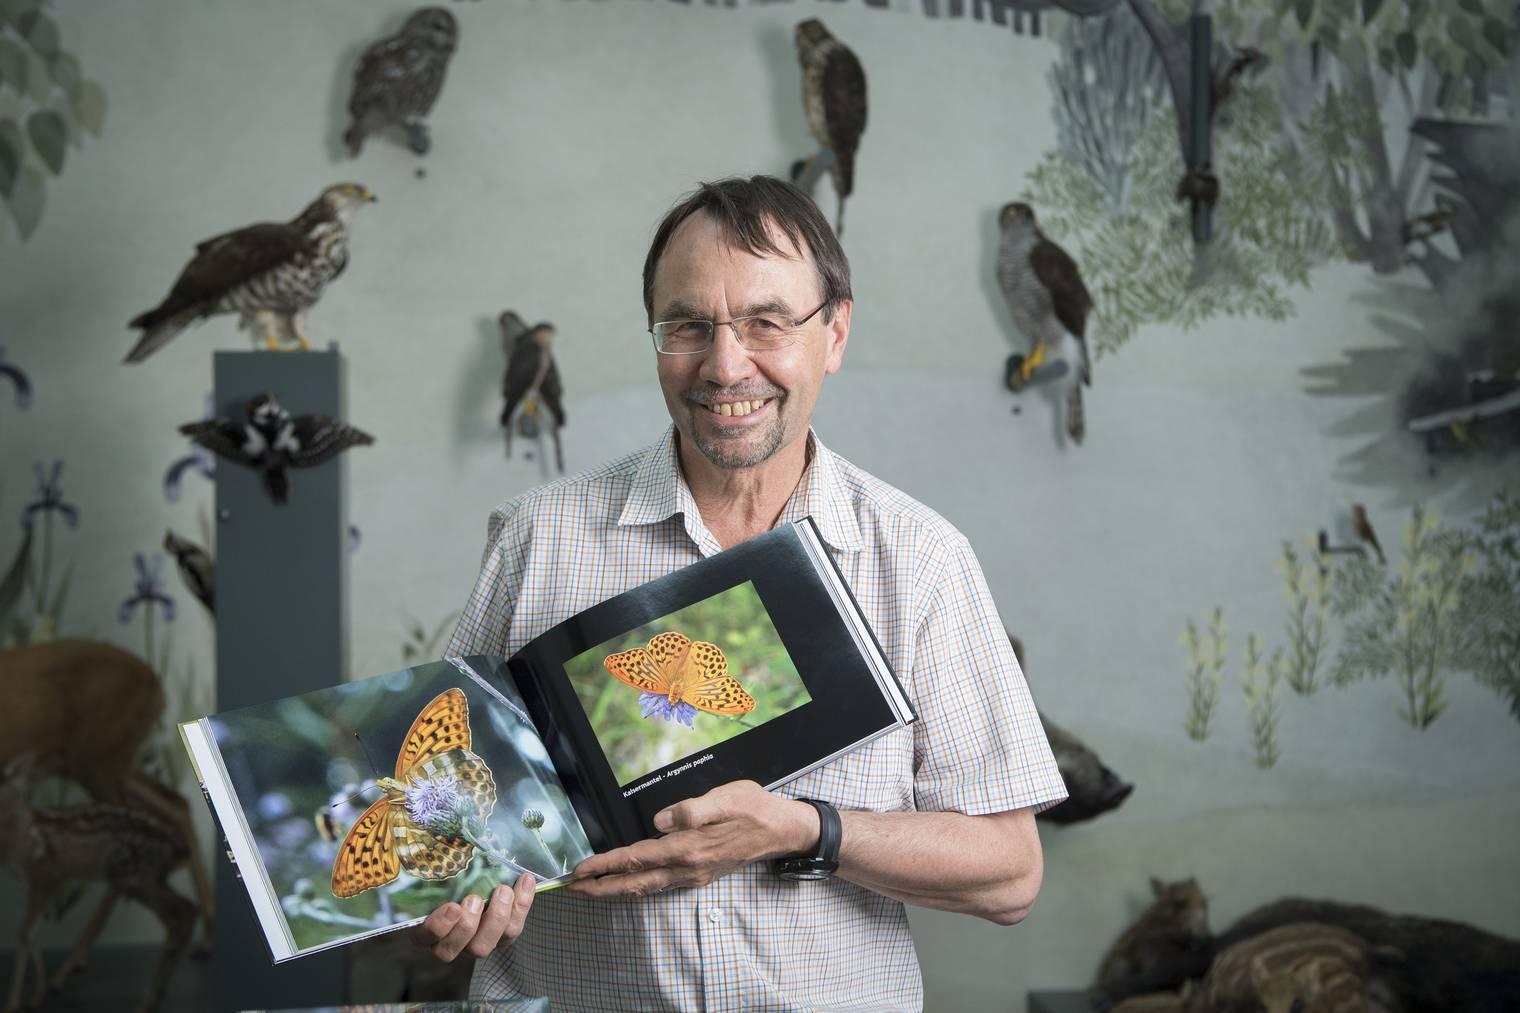 Toni Bürgin, Direktor des St.Galler Naturmuseums (Bild: St.Galler Tagblatt)